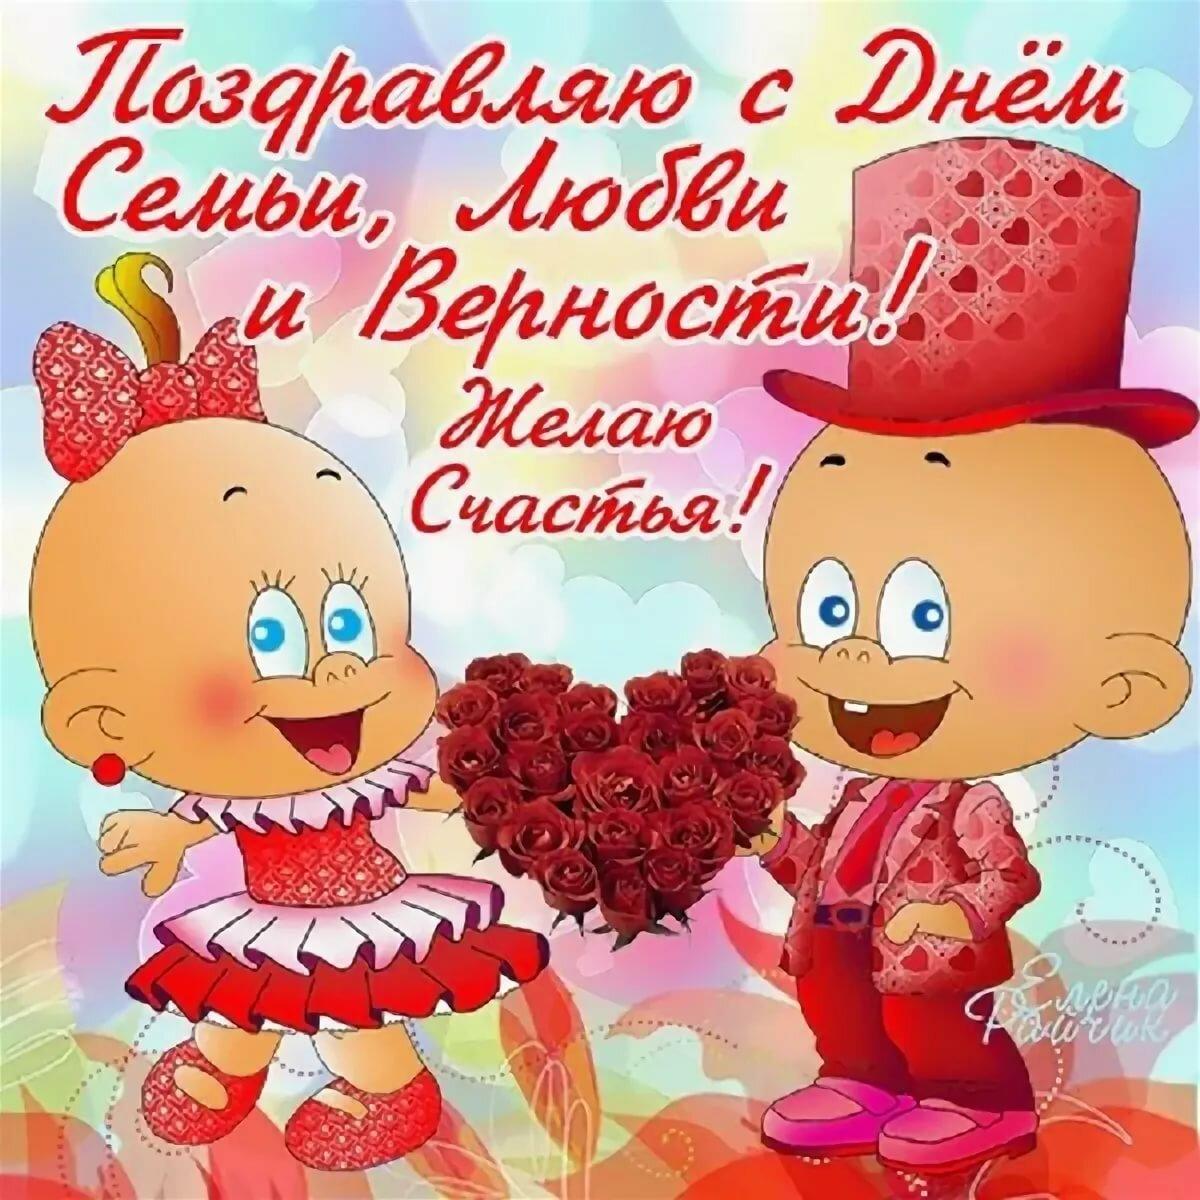 Картинку поцелуй, с днем семьи любви и верности картинки веселые